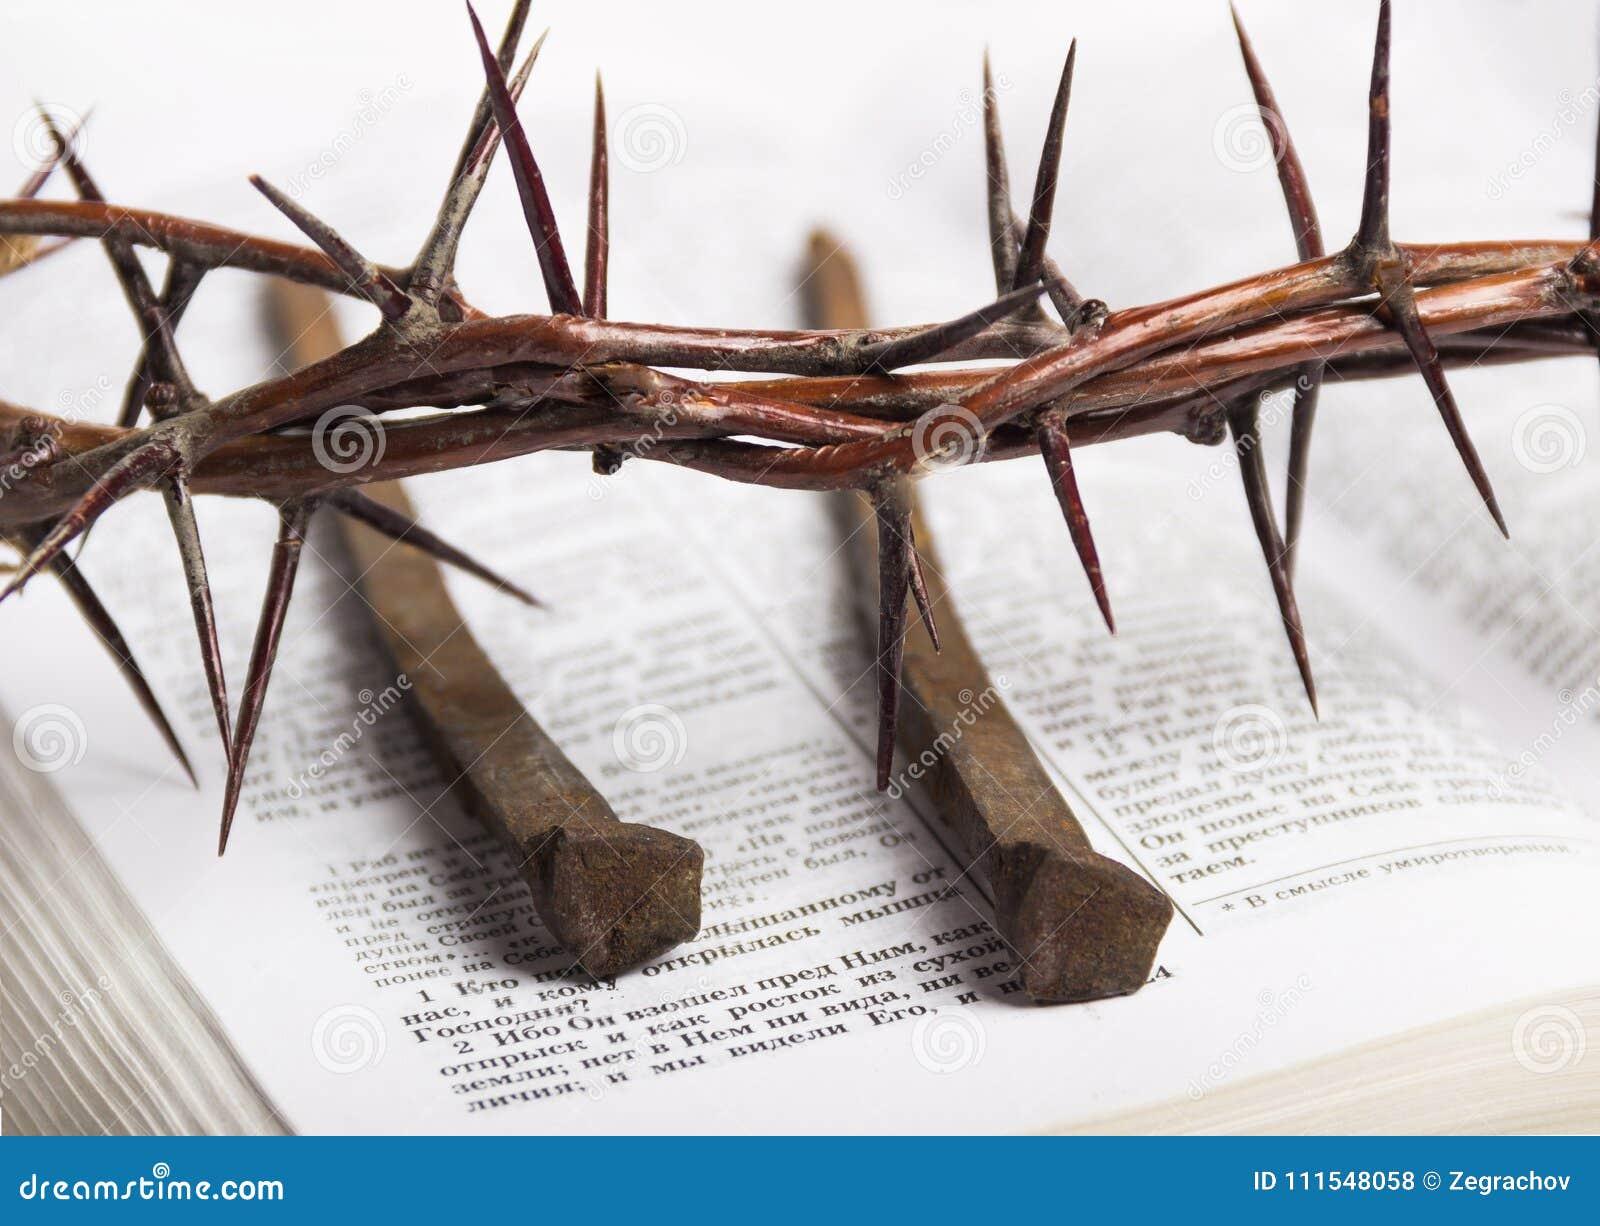 Corona de los clavos de Jesus Christ Bible de las espinas